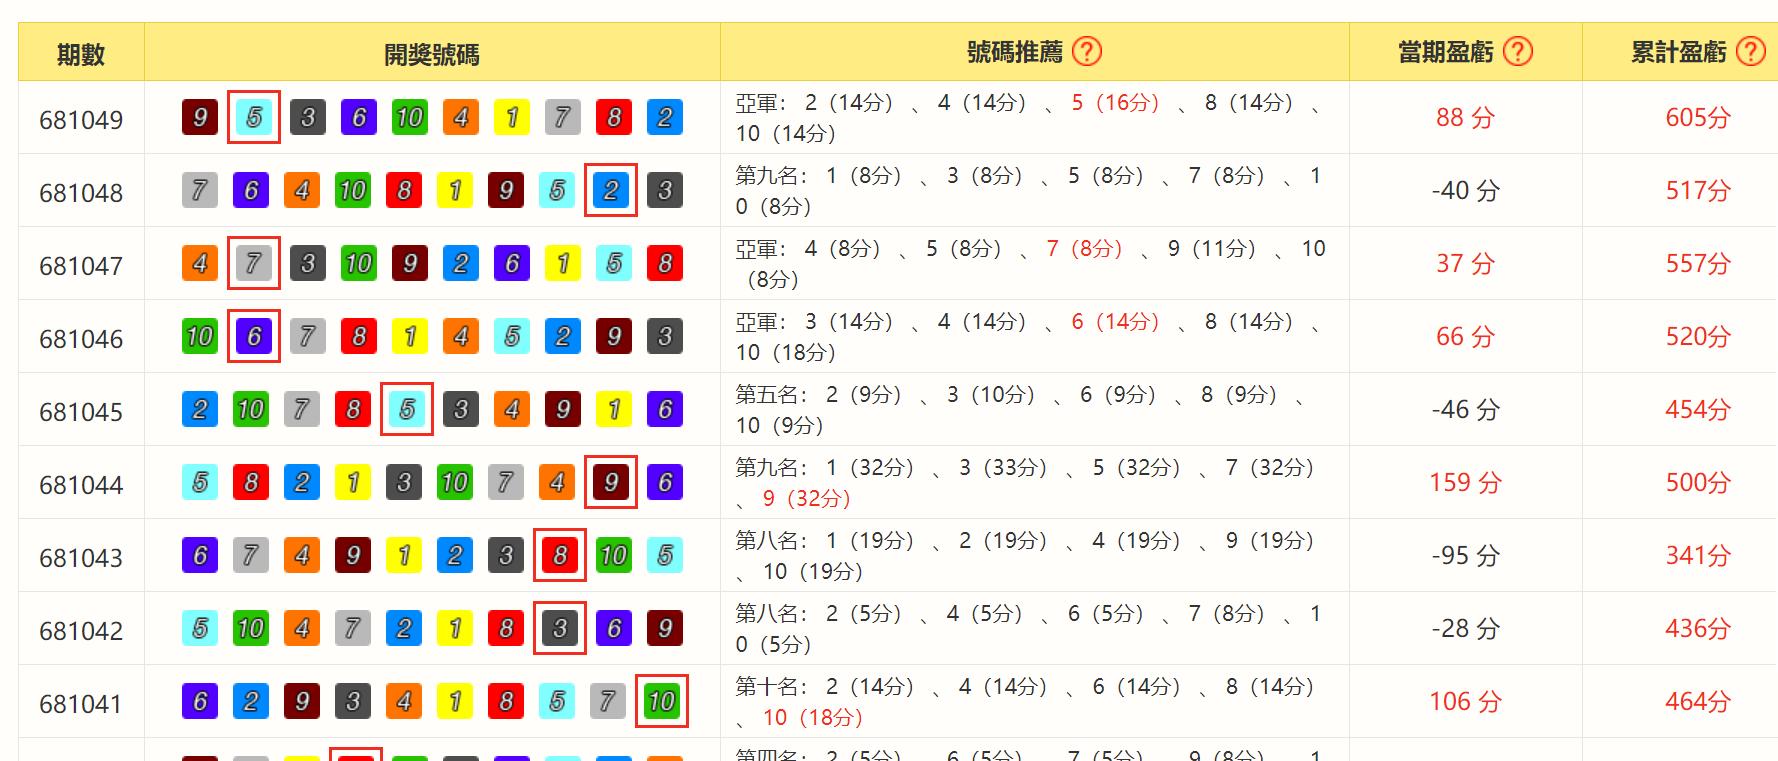 北京賽車pk10預測推薦號碼|大數據分析